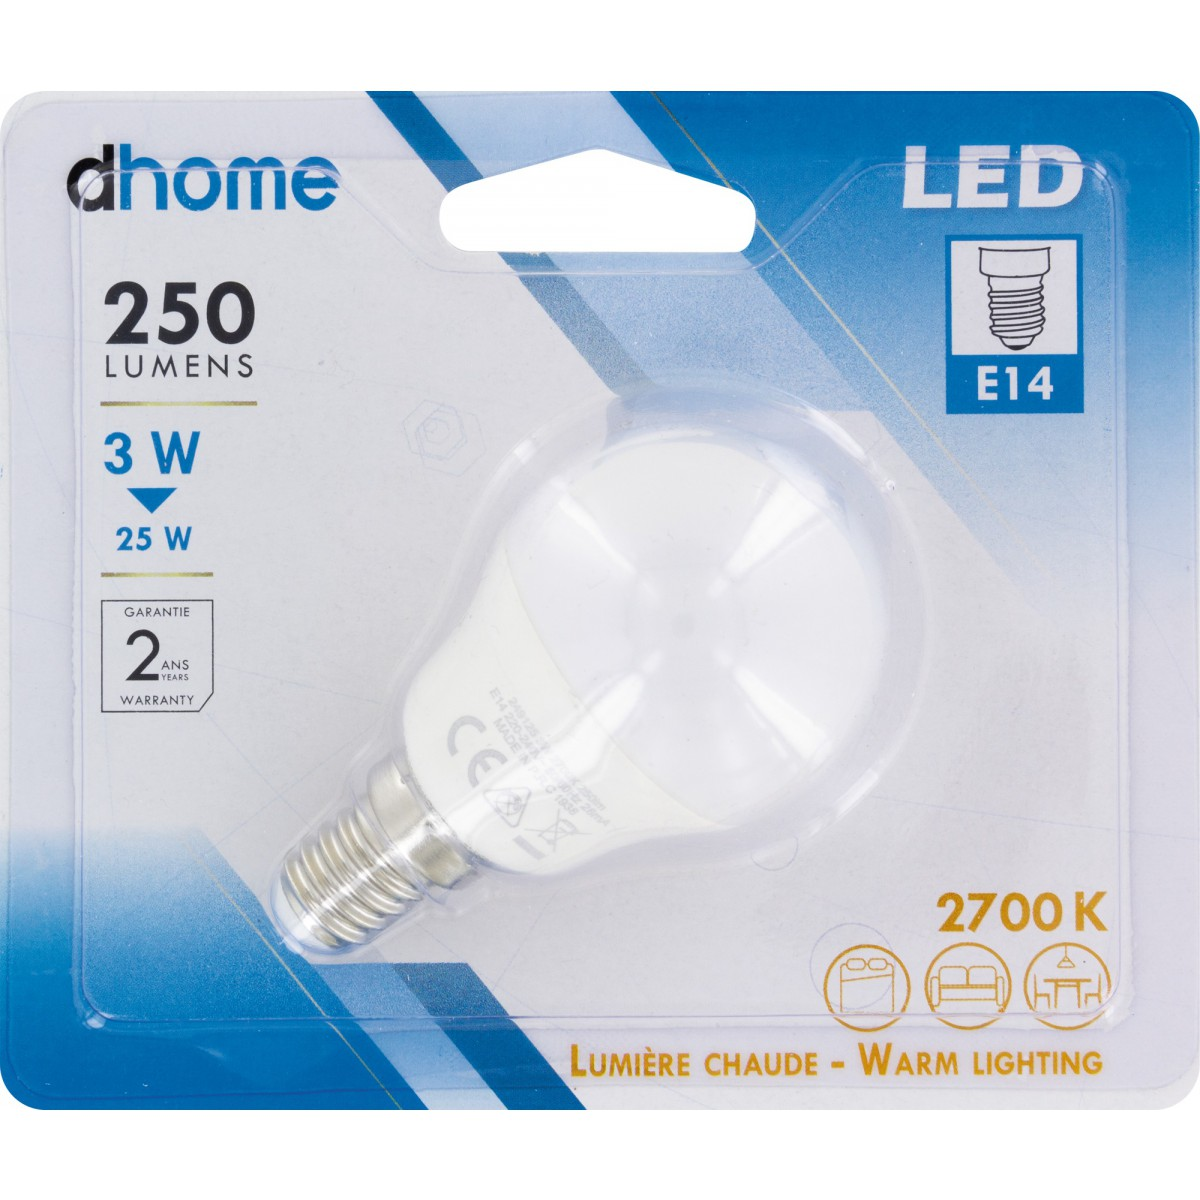 Ampoule LED sphérique E14 dhome - 250 Lumens - 3 W - 2700 K